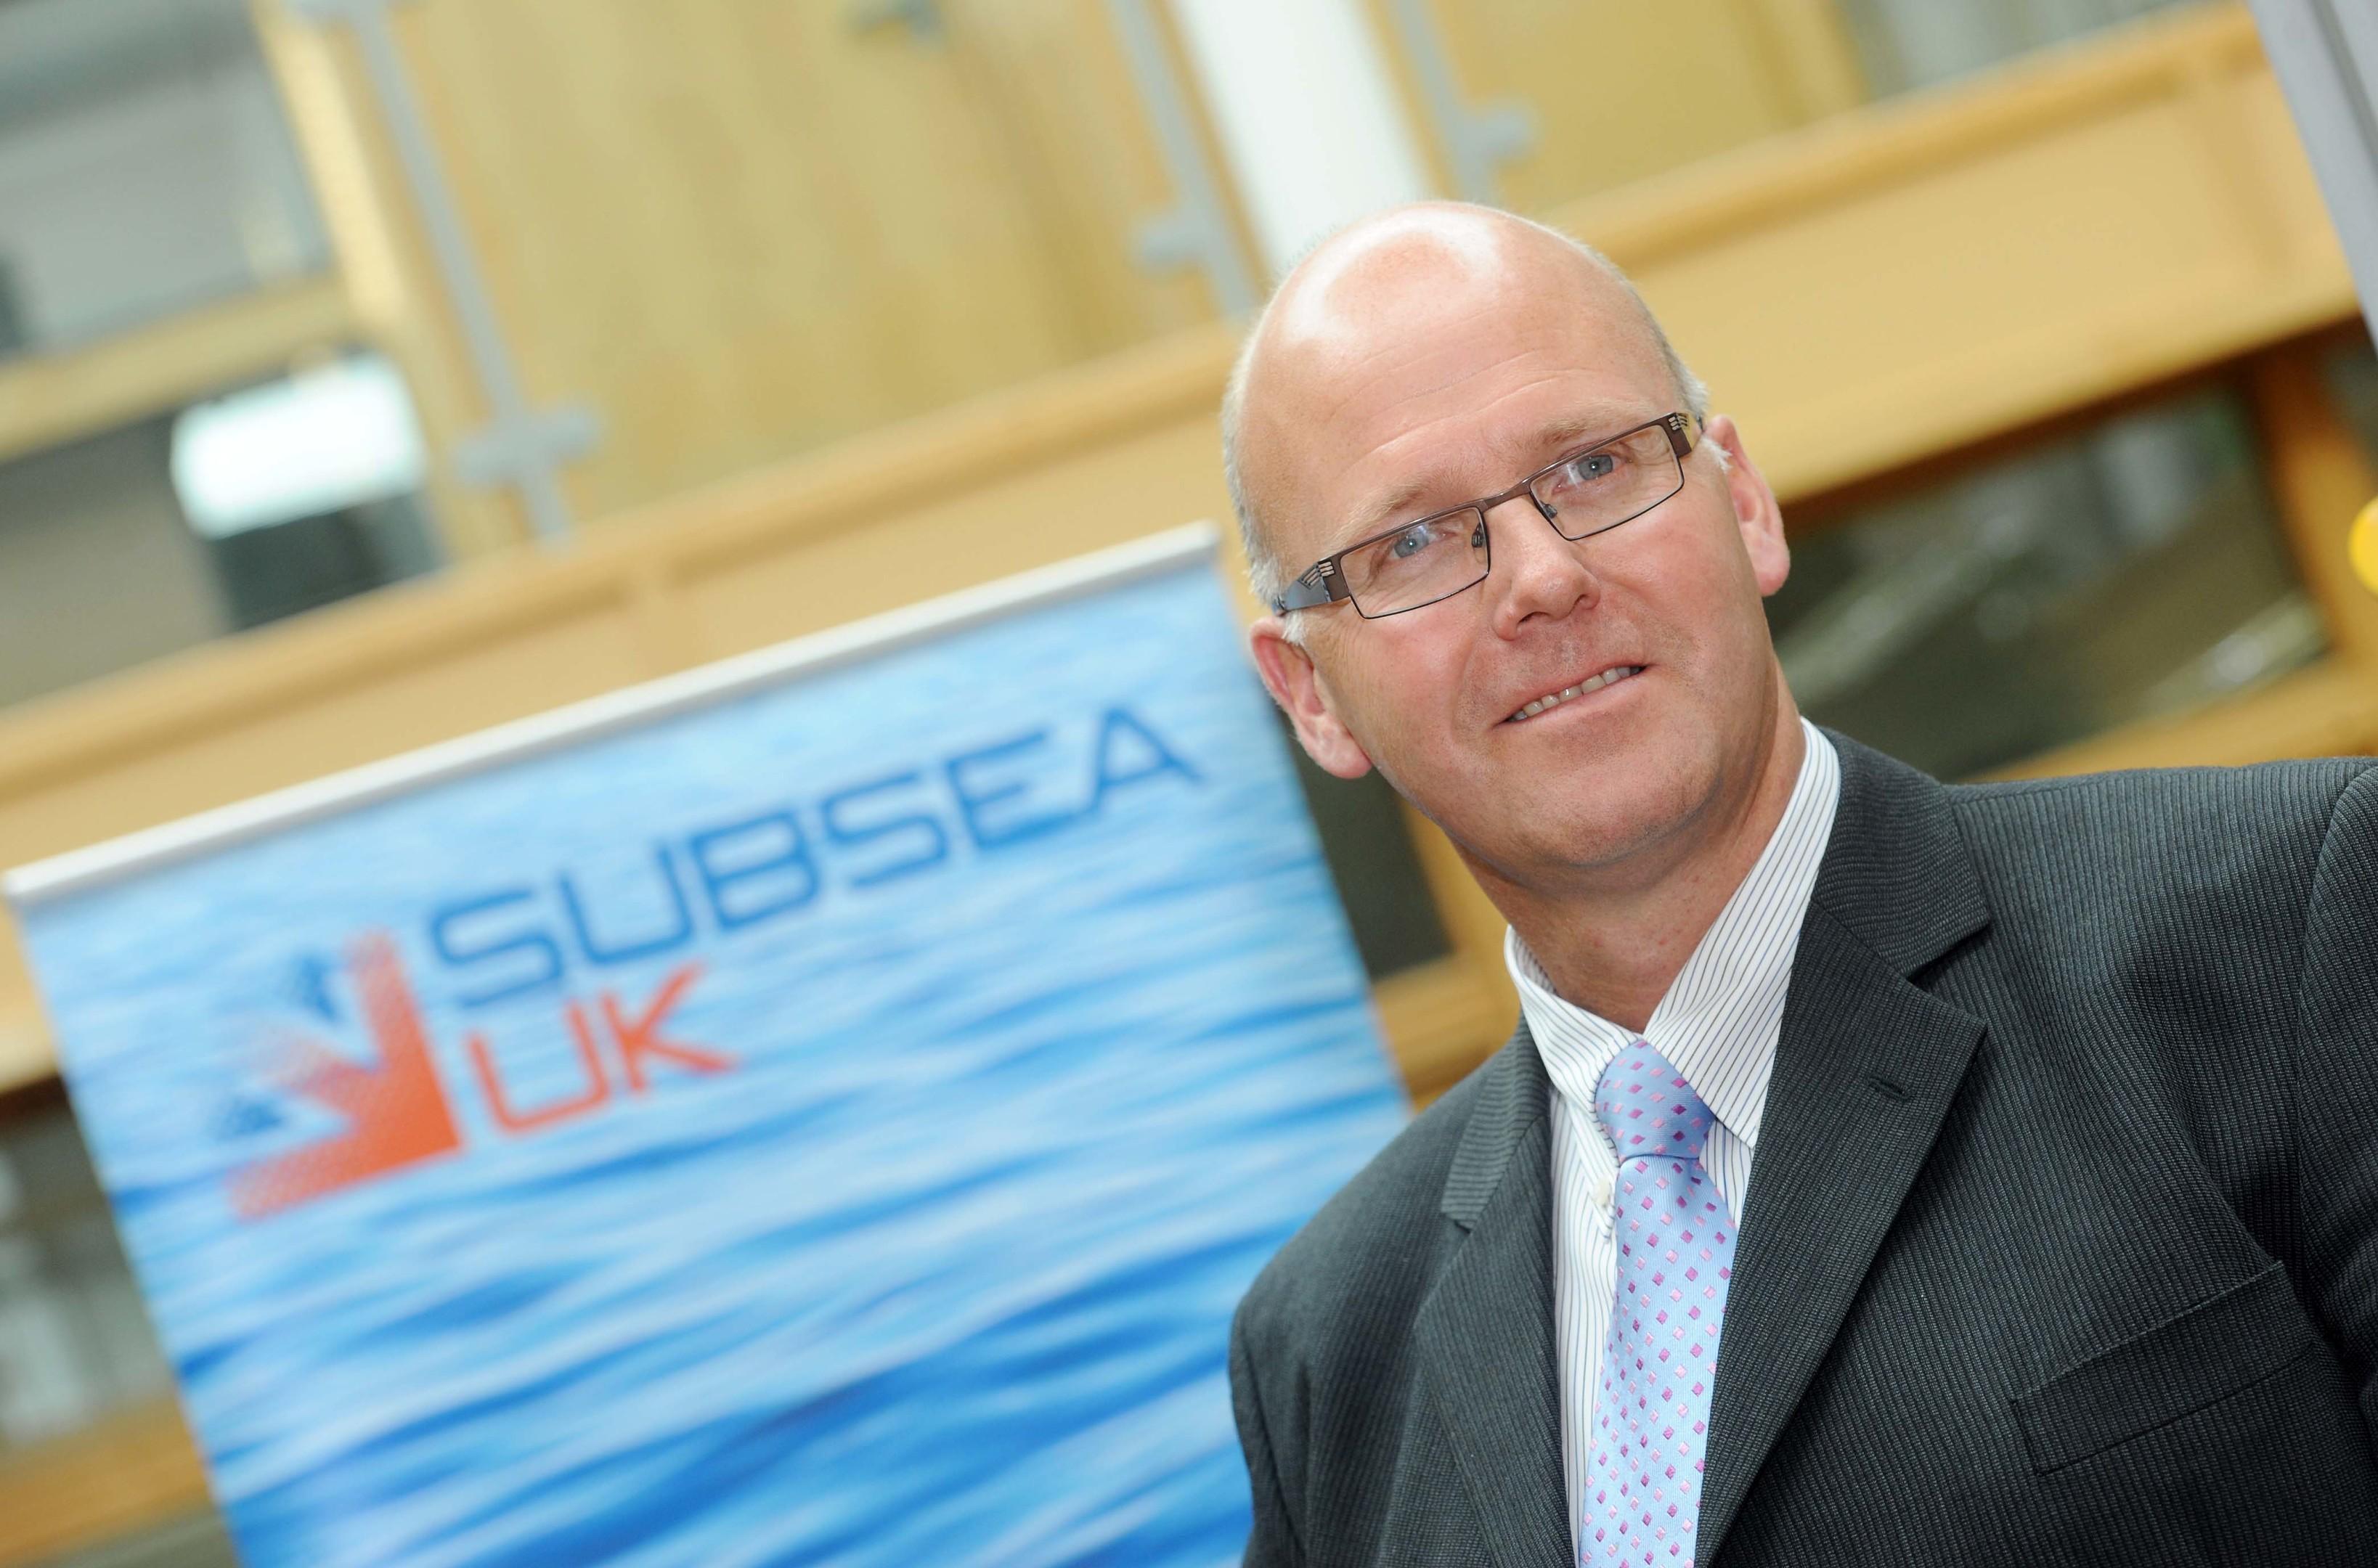 Neil Gordon, chief executive, Subsea UK